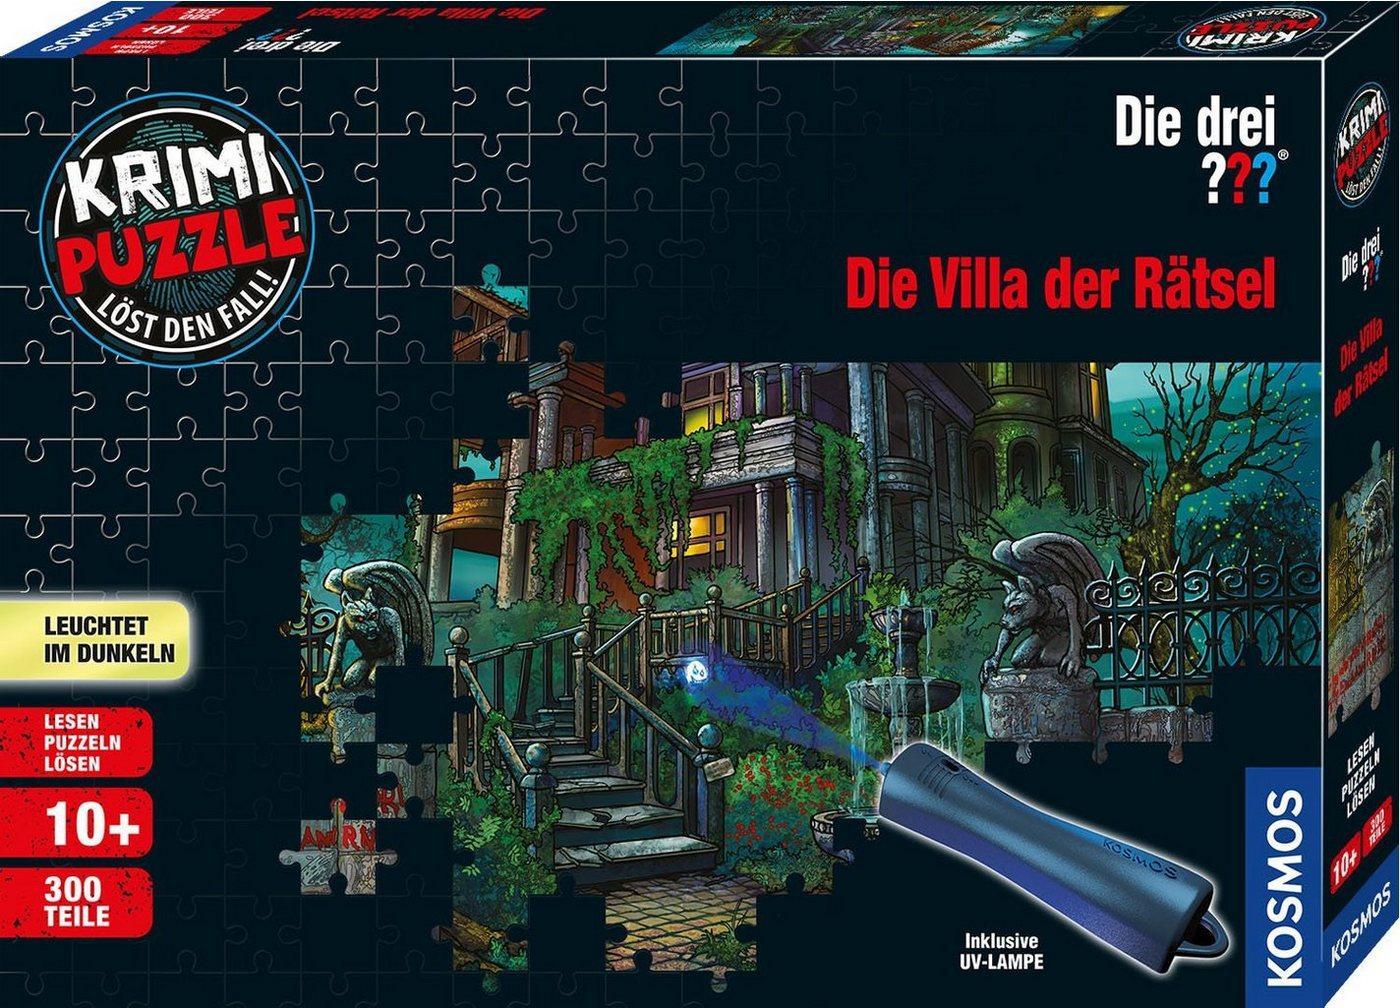 Kosmos Puzzle »Krimipuzzle Die drei ??? Die Villa der Rätsel«, 300 Puzzleteile, Made in Germany